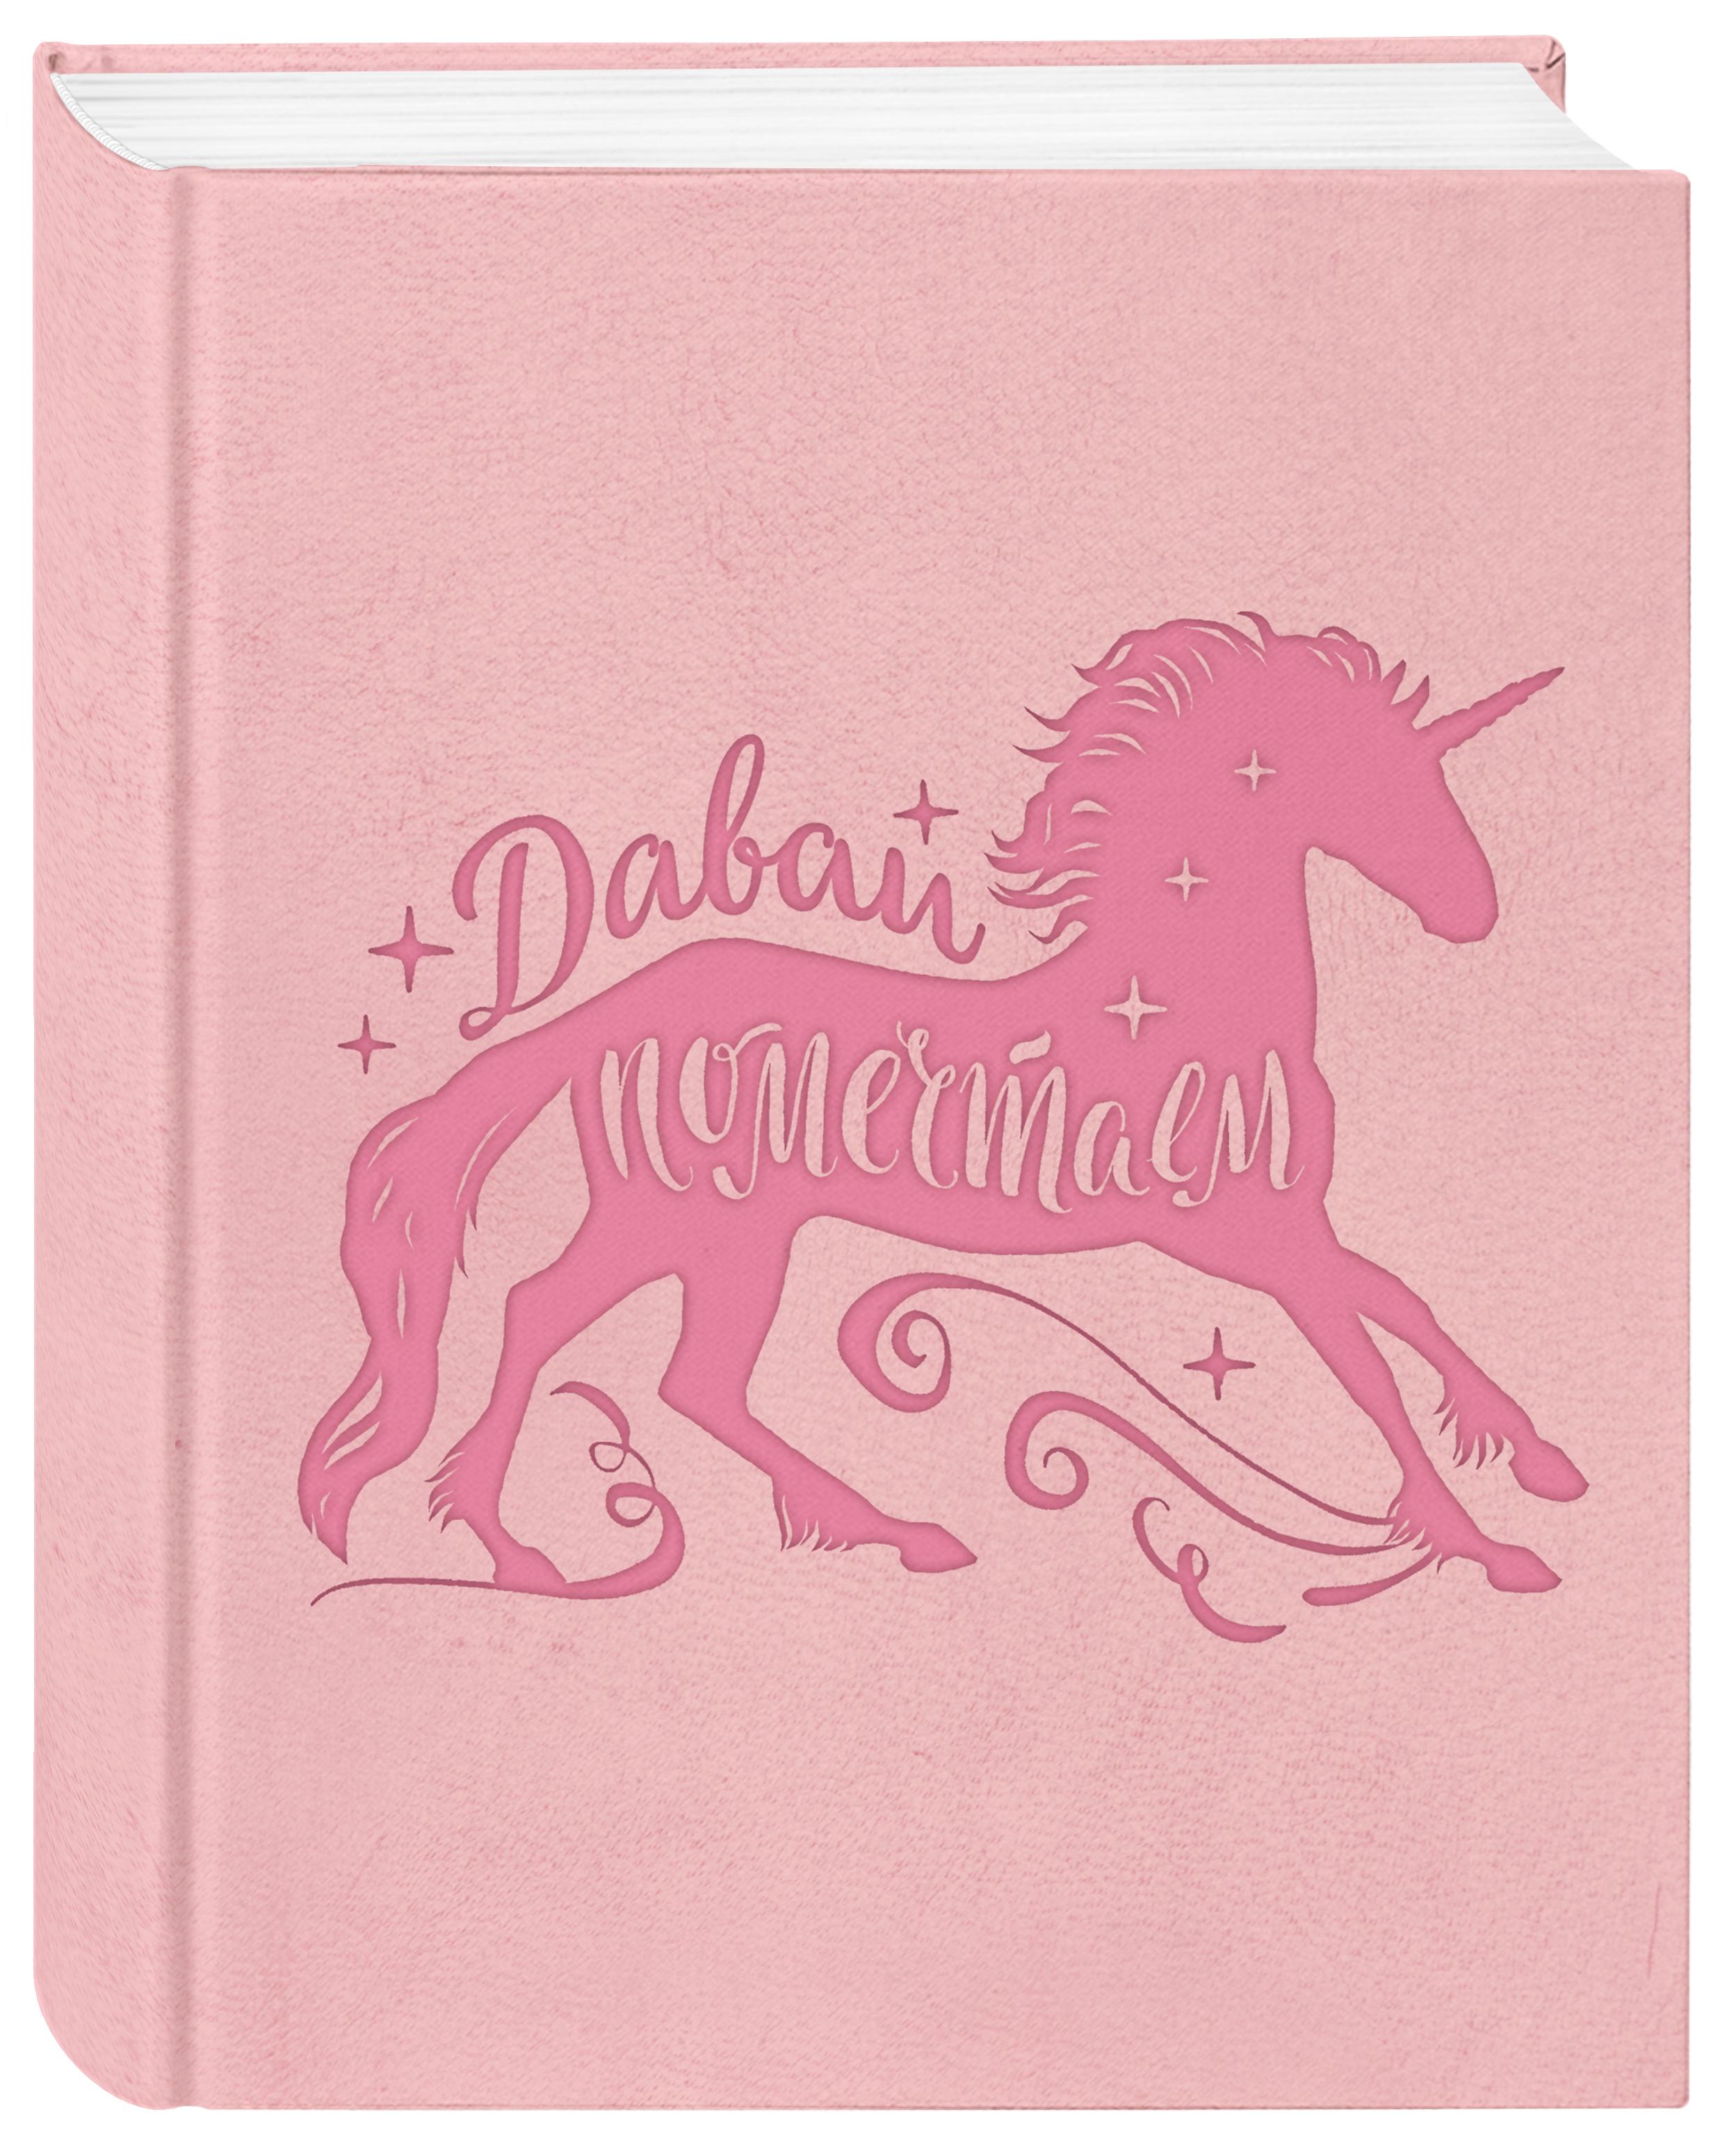 Блокнот. Волшебные единороги (розовый) блокноты эксмо блокнот романтика каждый день интерактивный блок